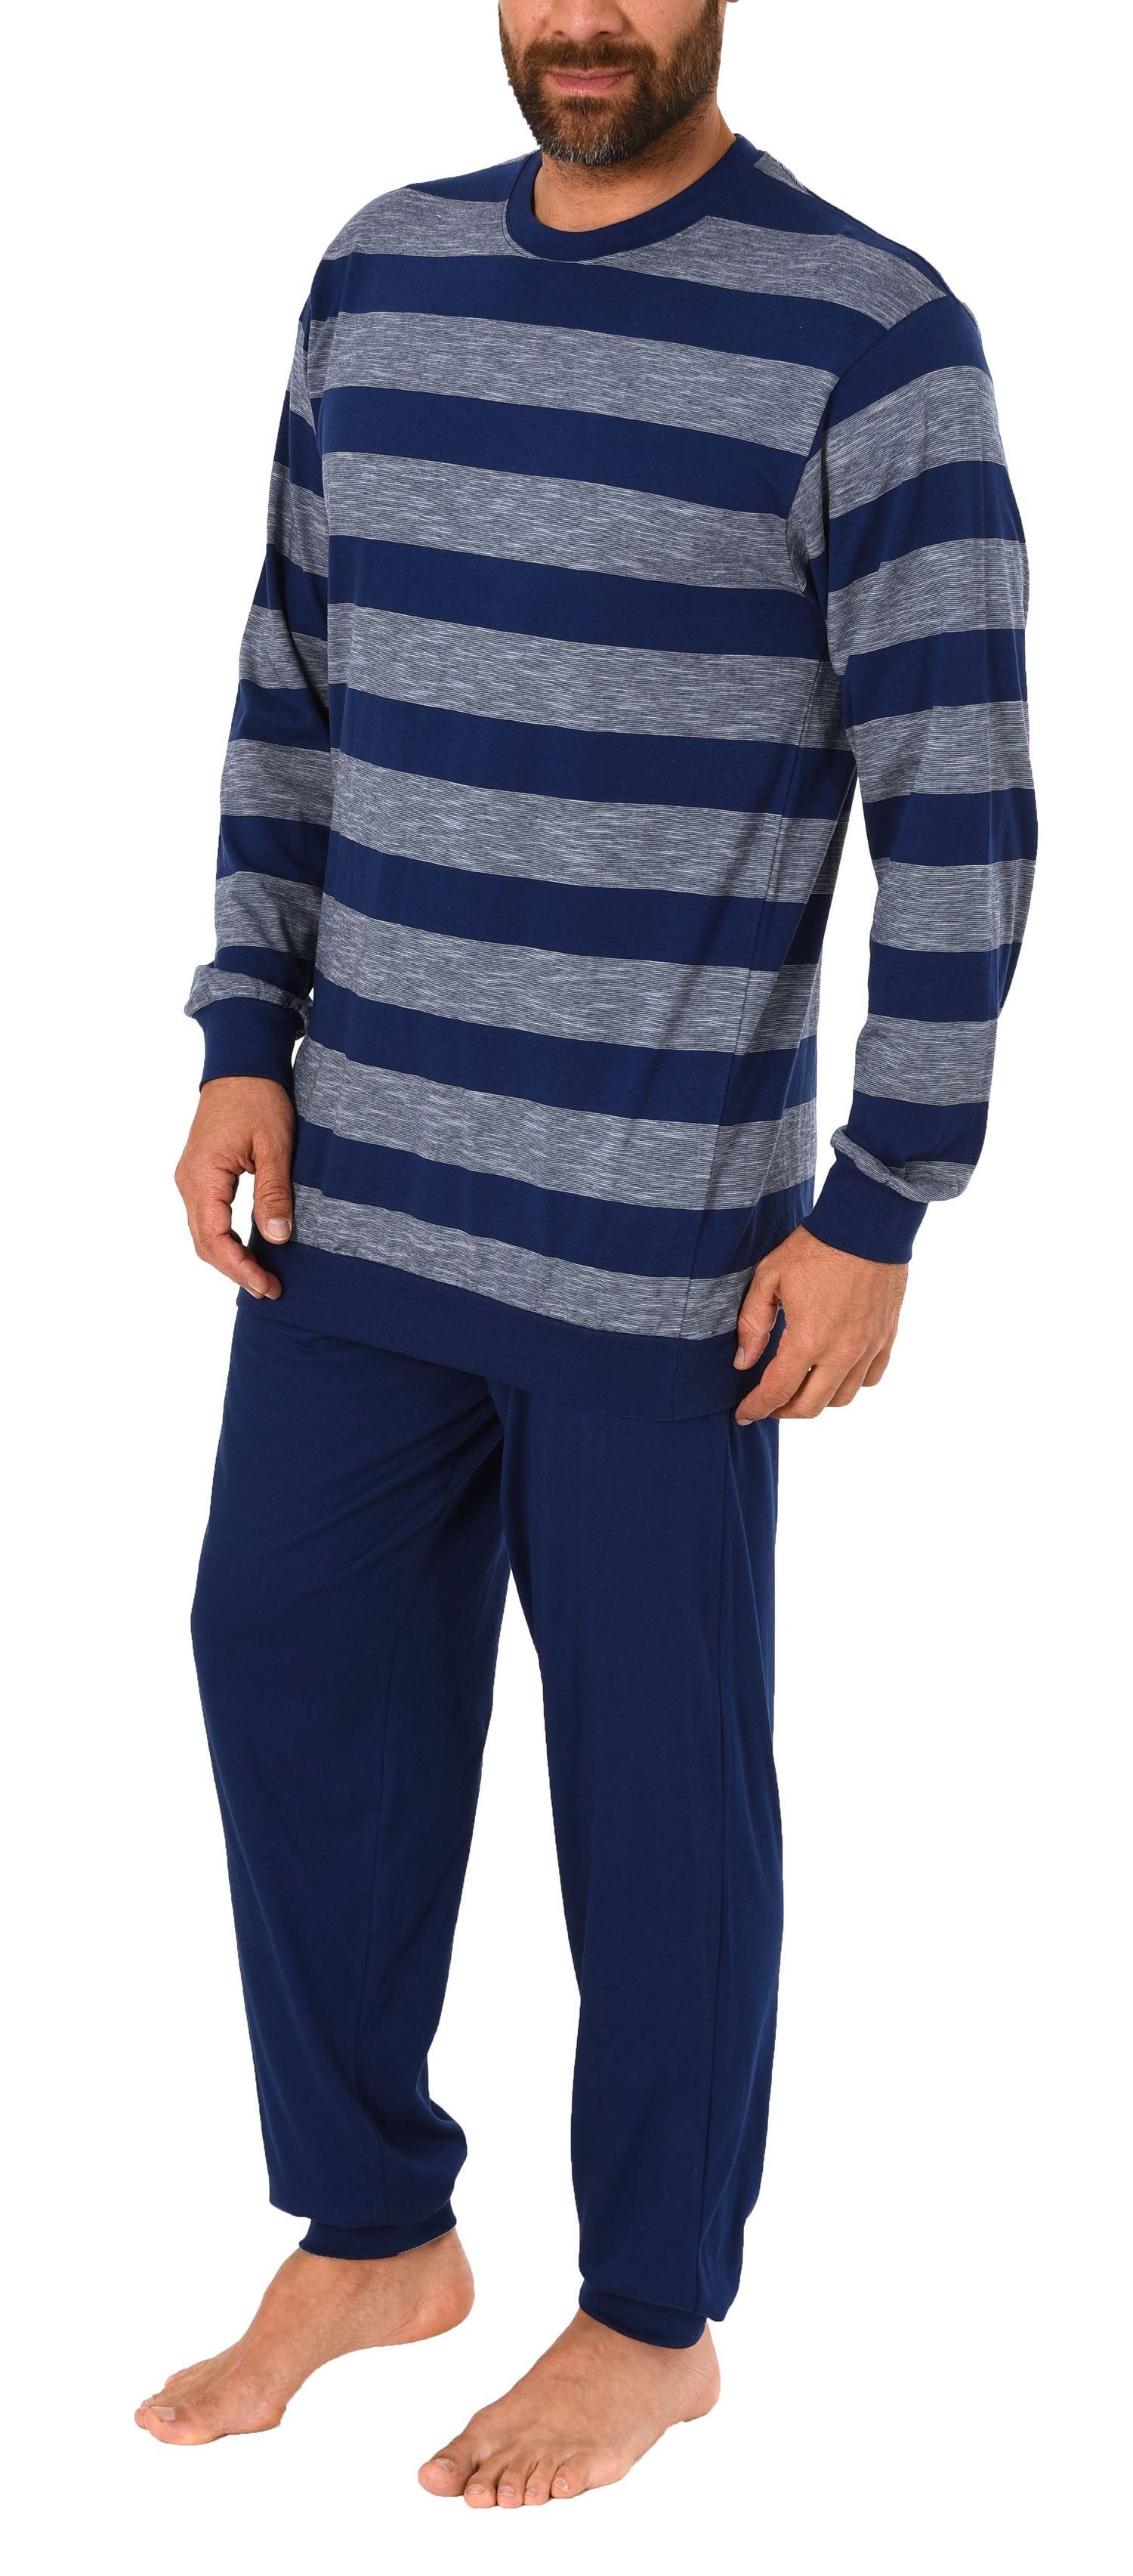 Eleganter Herren Pyjama Schlafanzug lang mit Bündchen in Streifenoptik – 281 101 90 486 – Bild 4